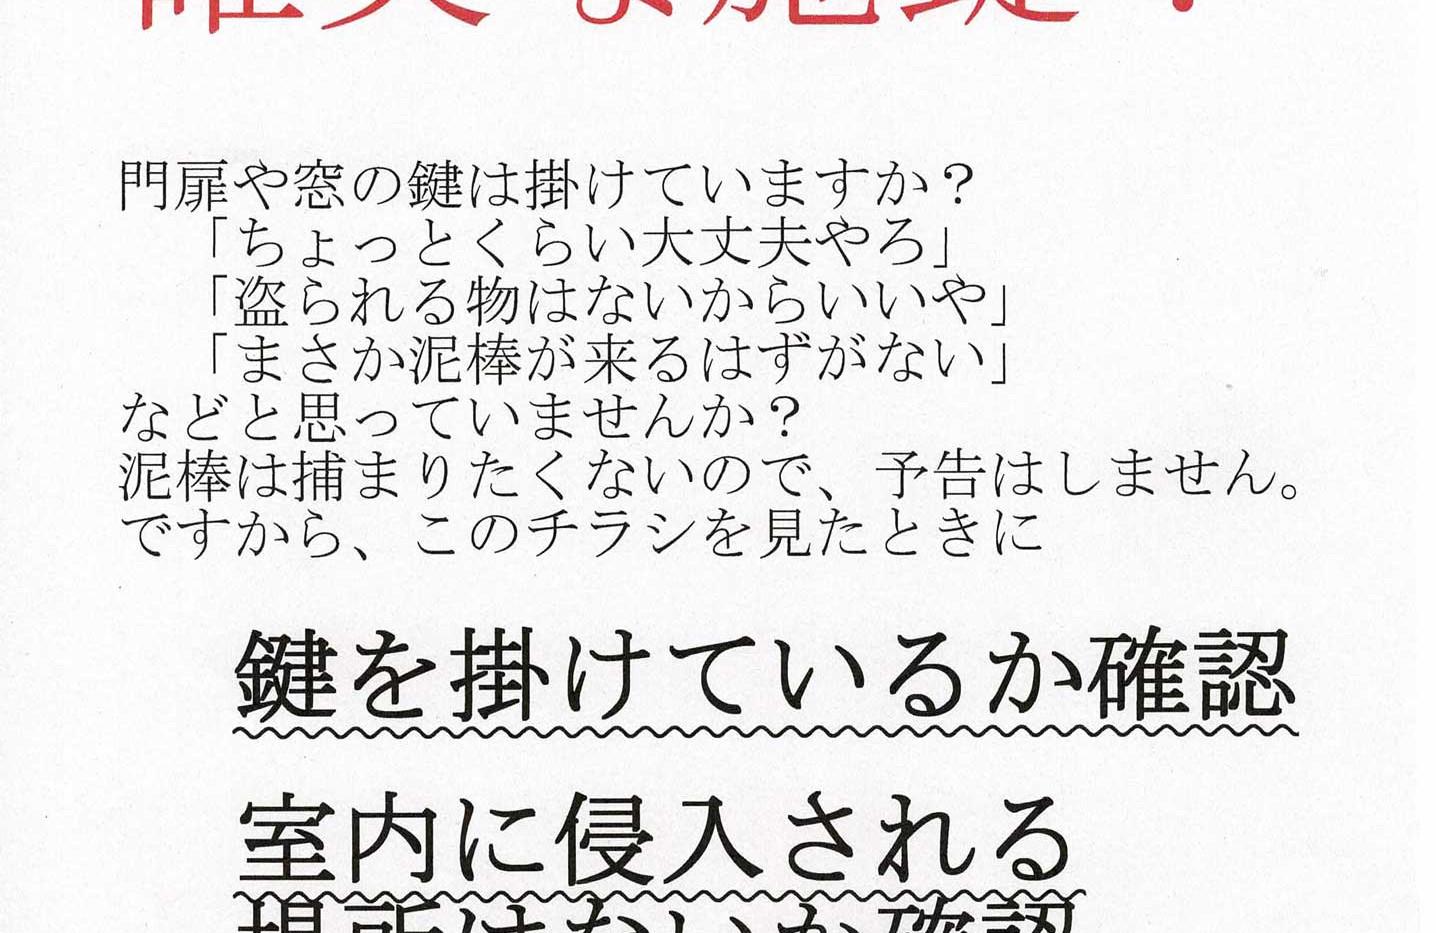 R3_02_03_chuzai.jpg